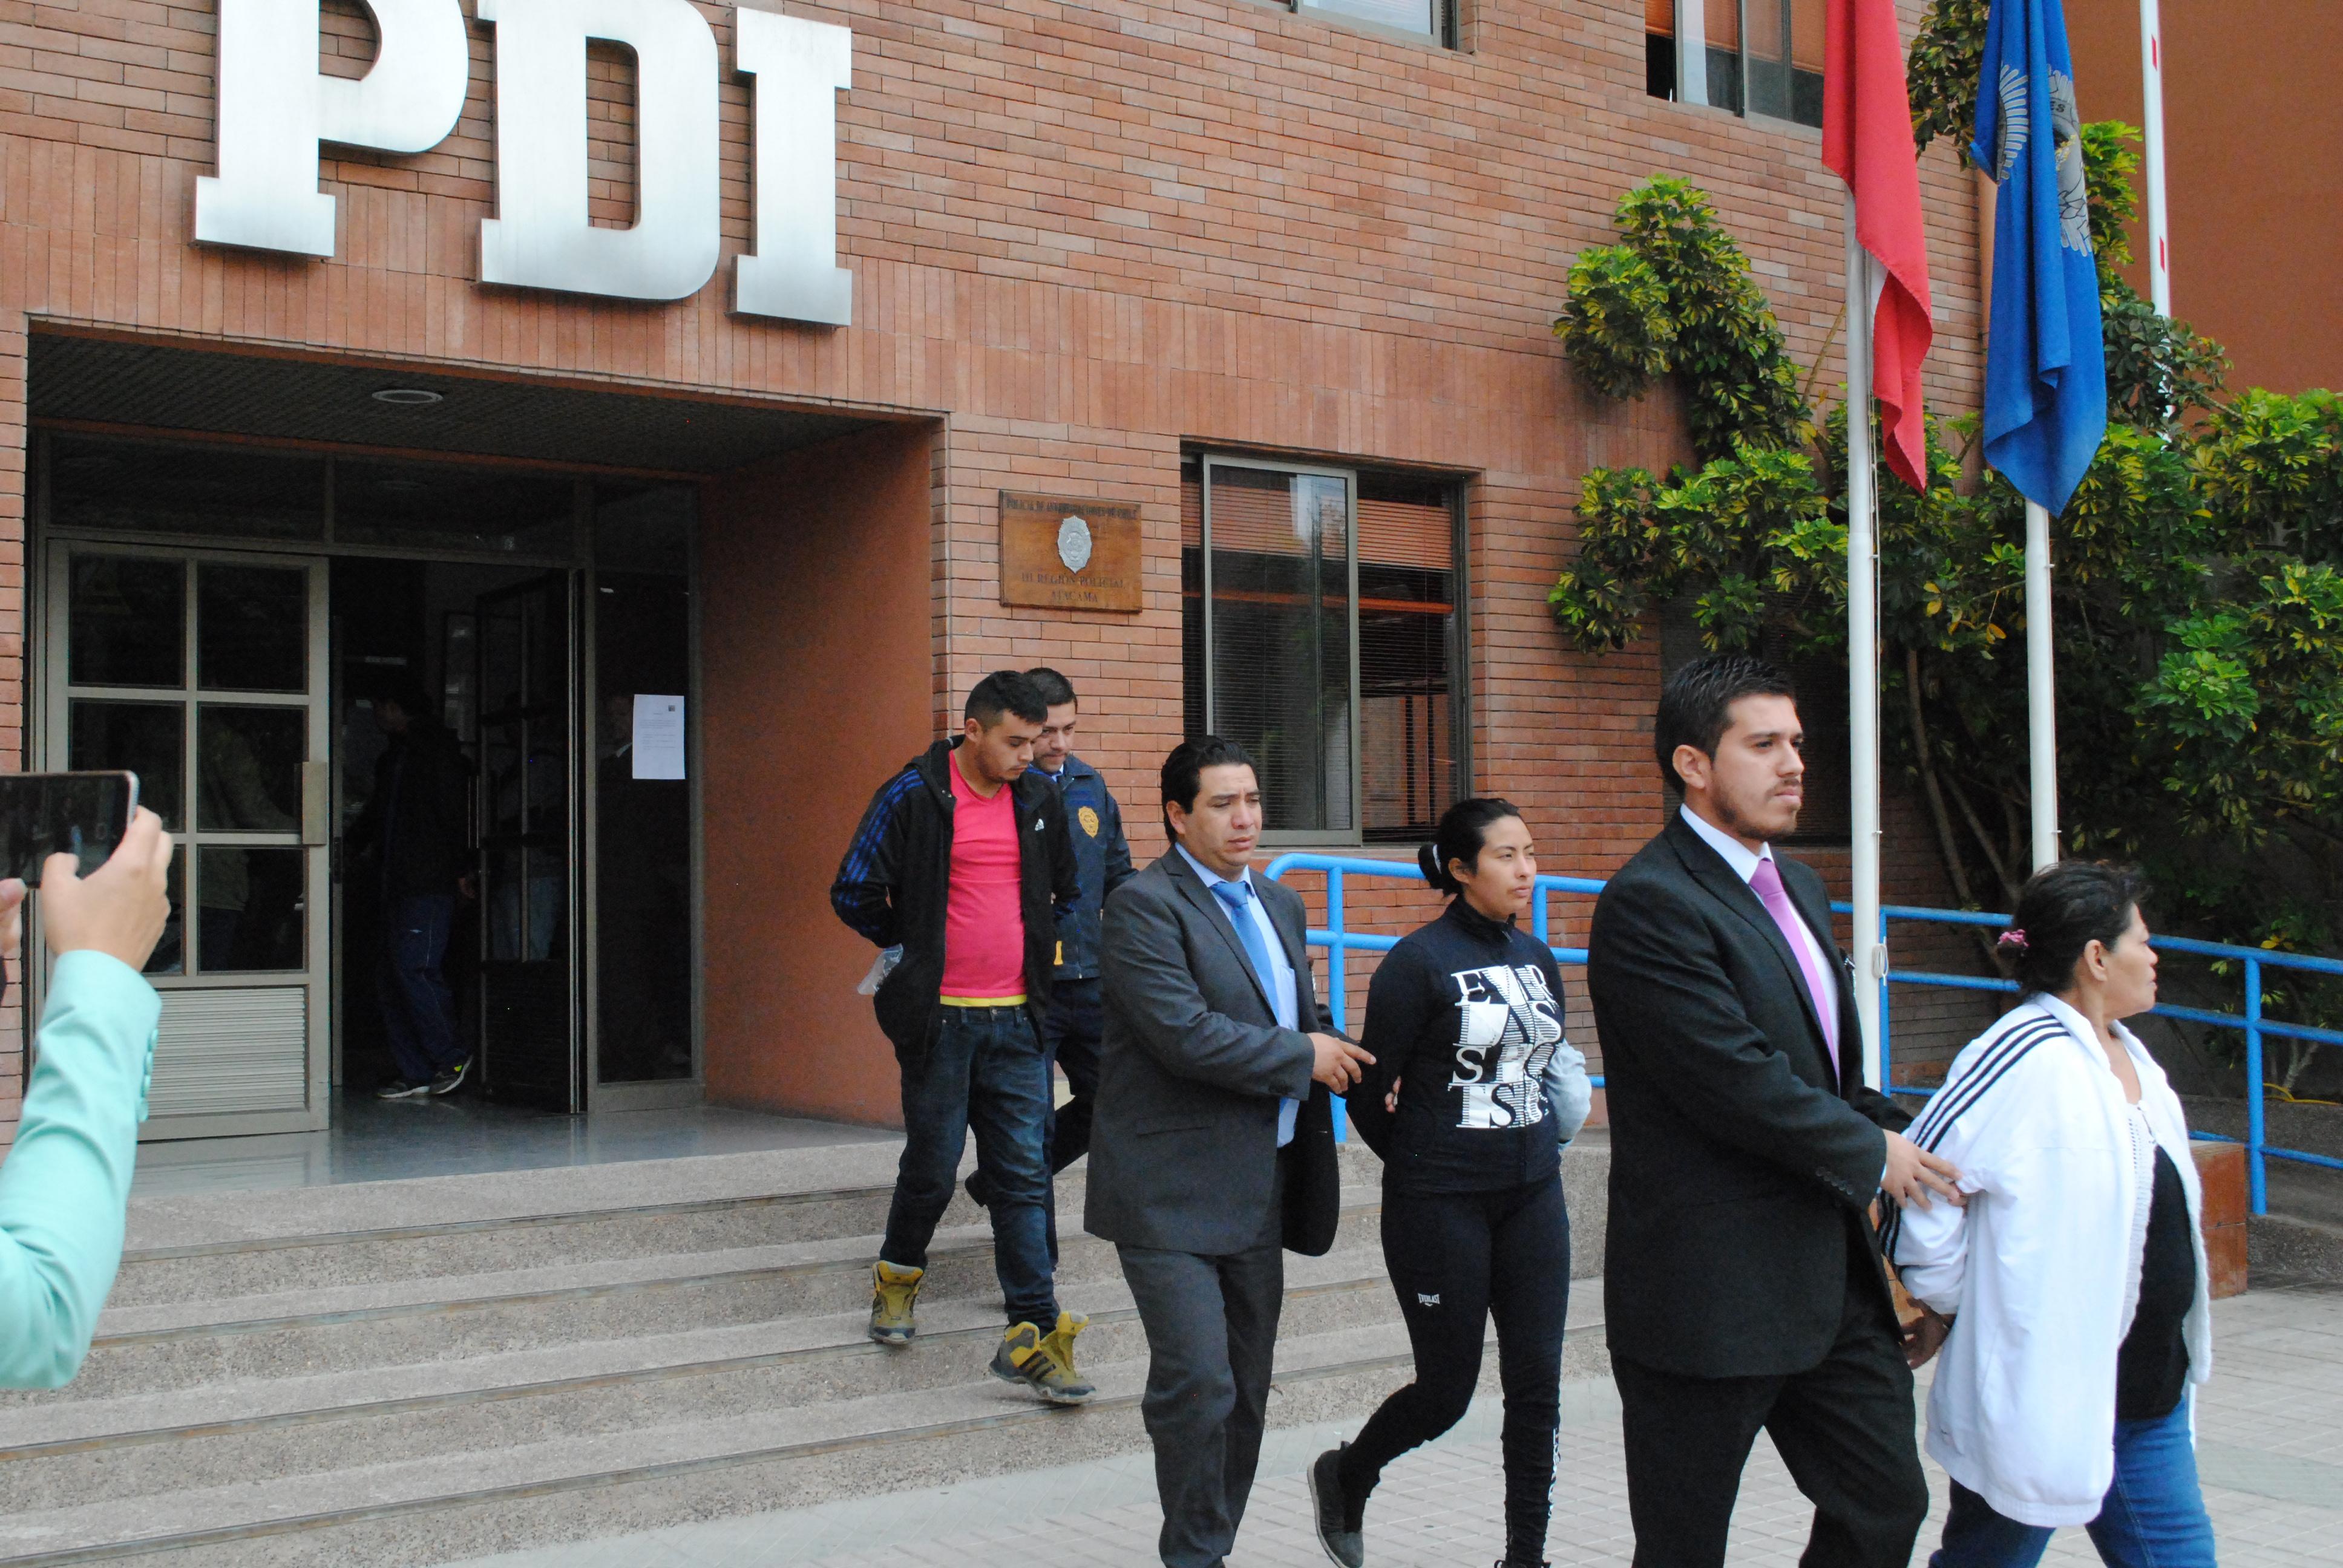 Persecución policial termina con 9 detenidos en Vallenar